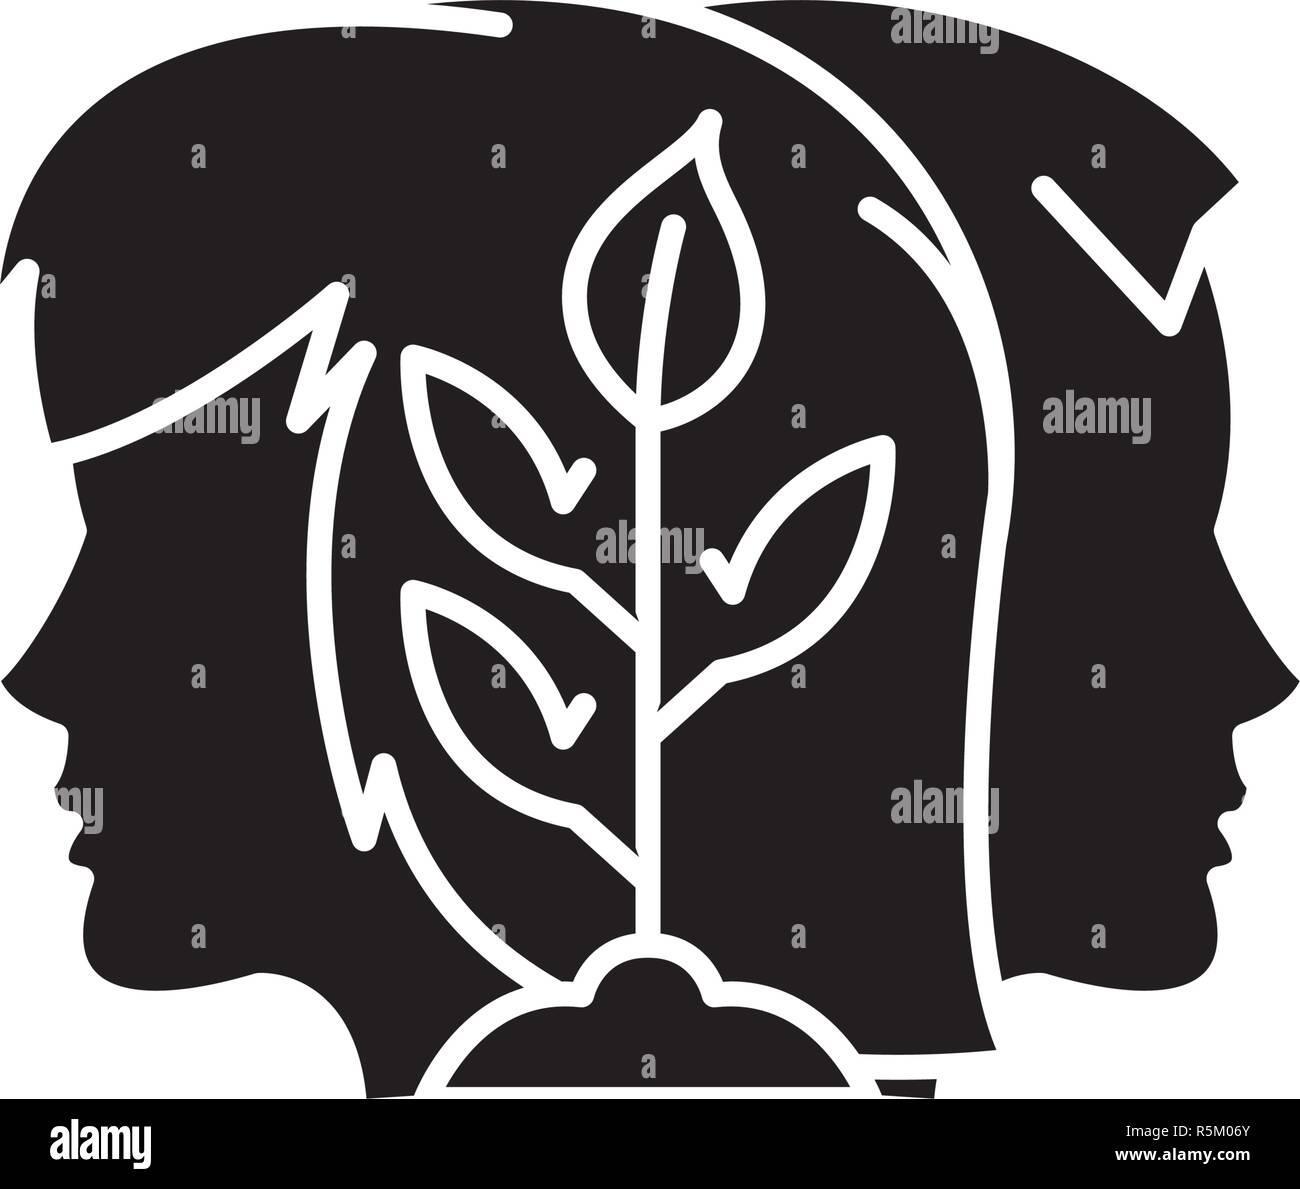 Sinergia icono negro, signo de vectores de fondo aislados. Concepto de sinergia, símbolo de la ilustración Imagen De Stock